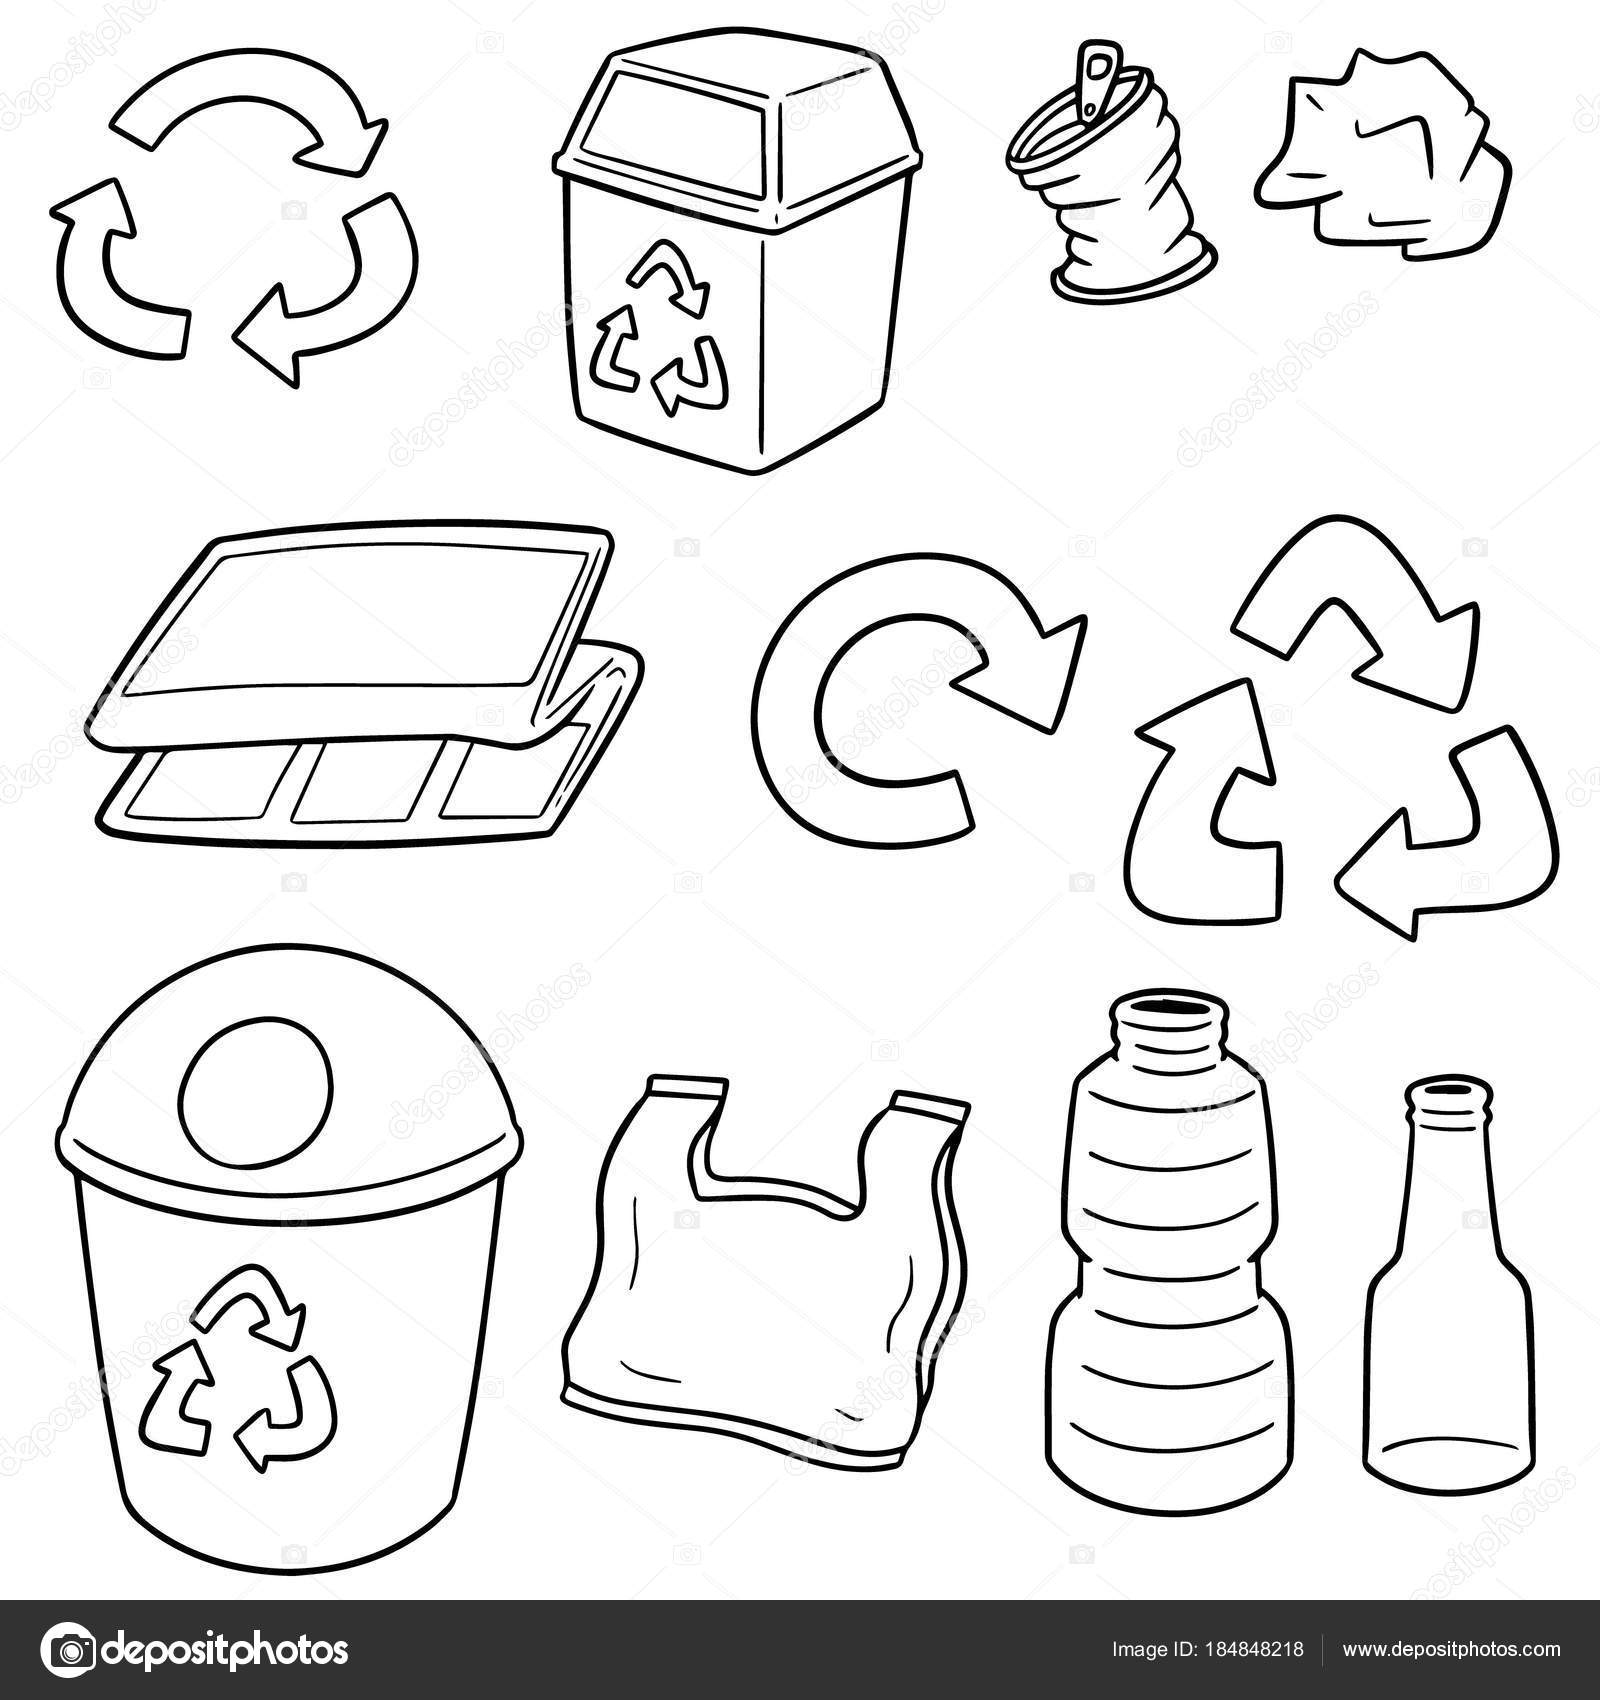 Dibujos Cesta De Basura Para Colorear Vector Conjunto Reciclaje